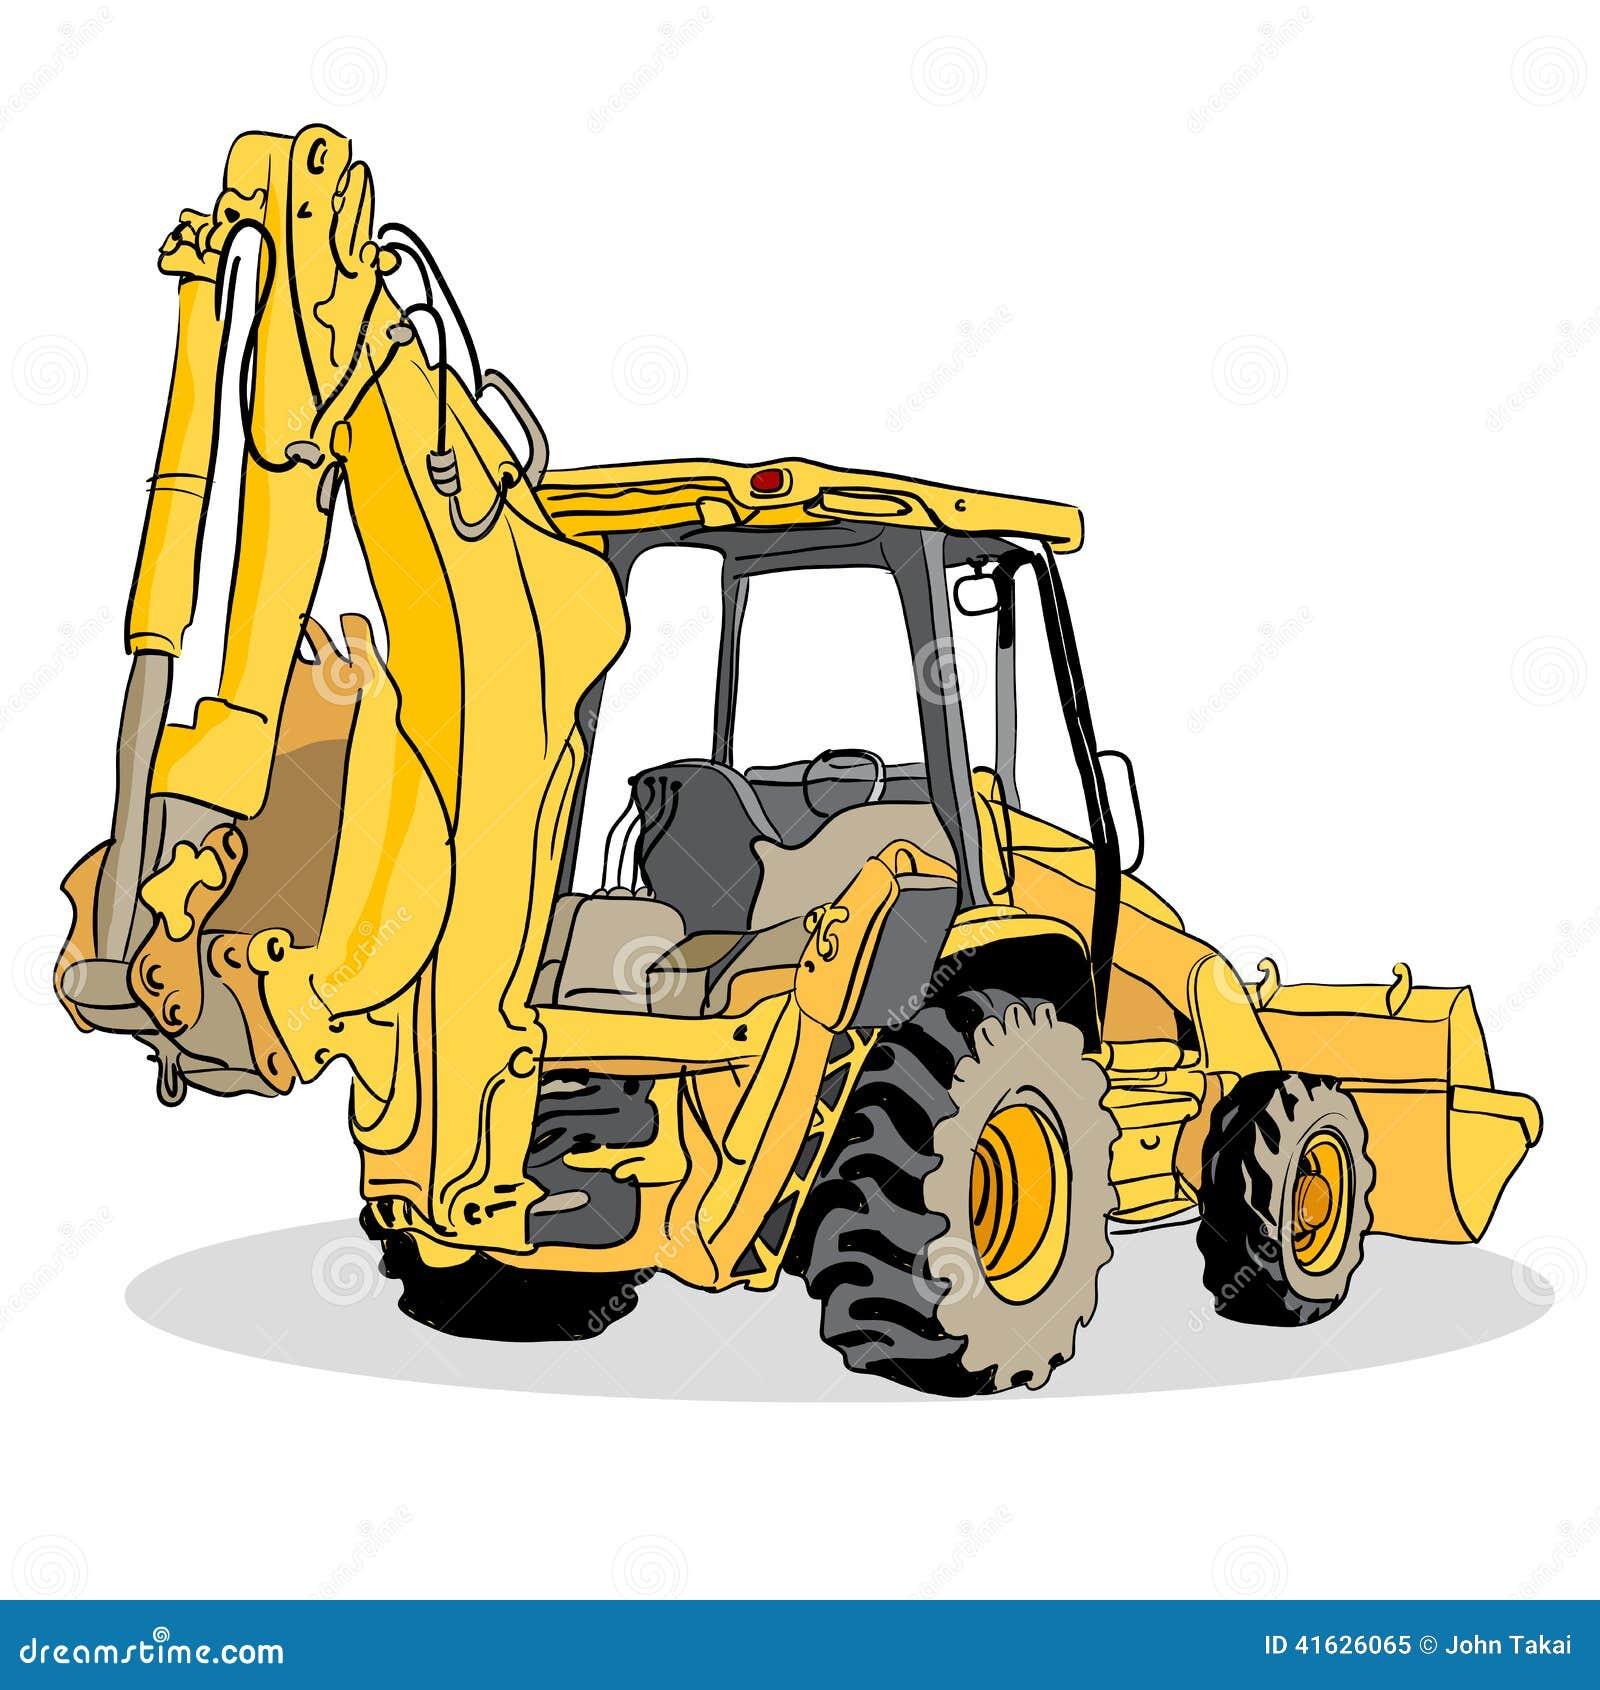 Backhoe Loader Vehicle Stock Vector - Image: 41626065